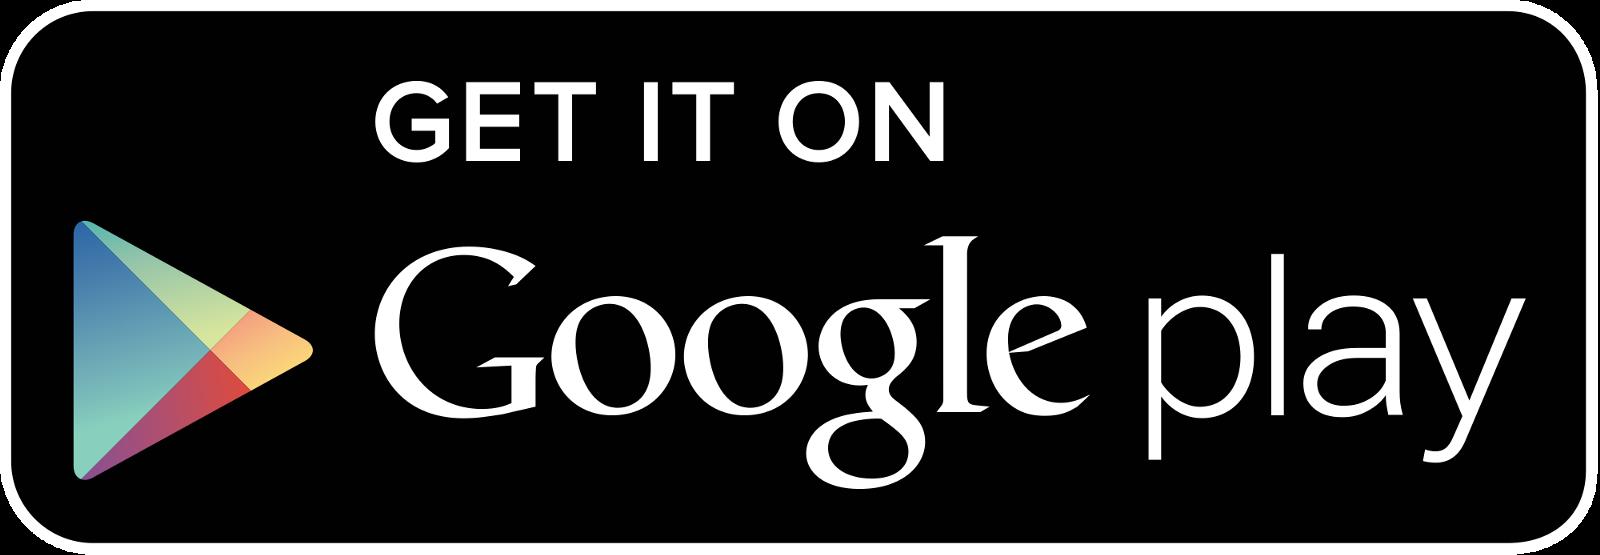 google play - Приложение Easy Rates Converter в Google Play оказалось фишинговым